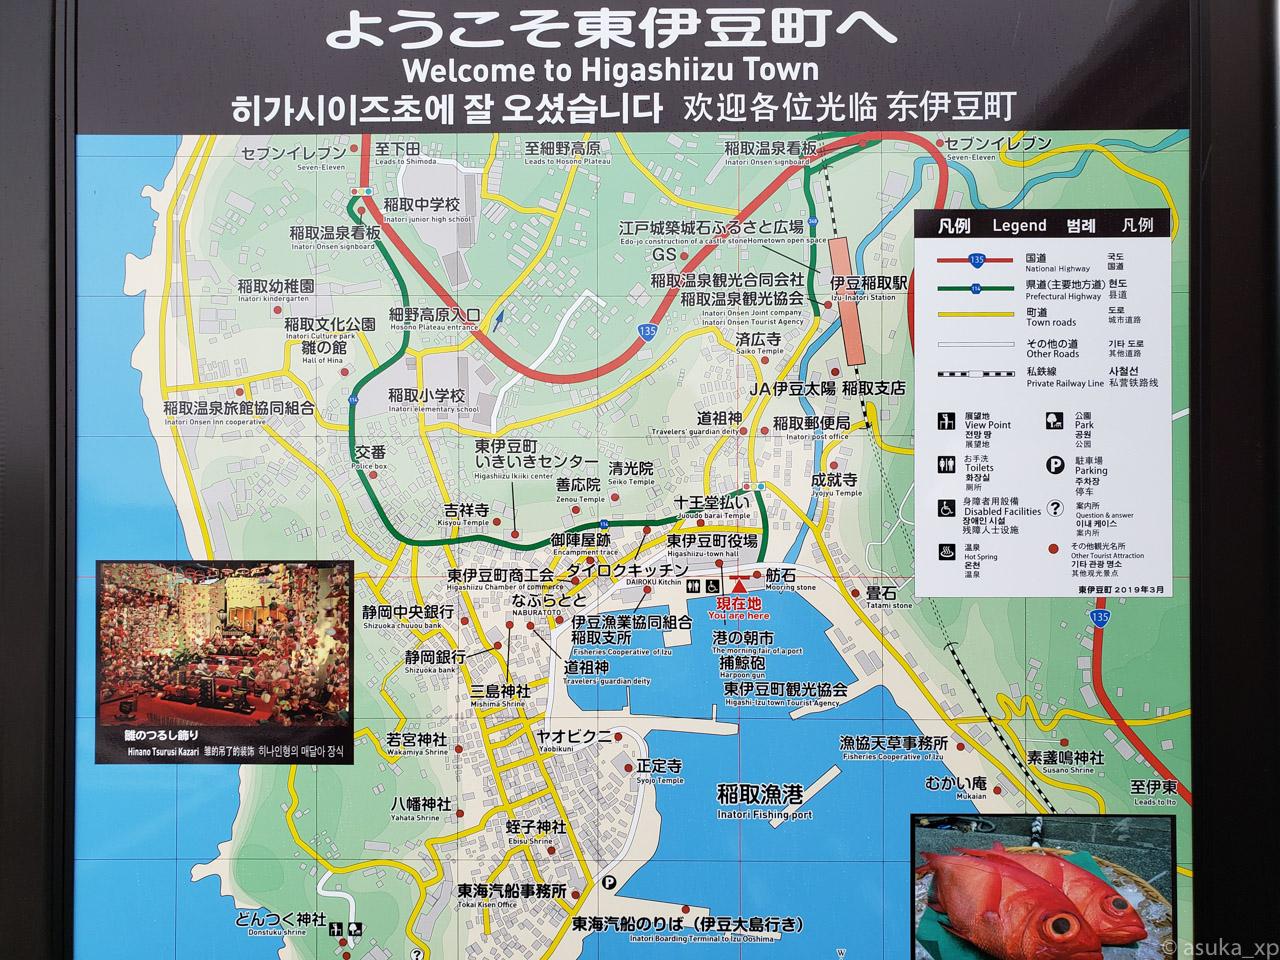 こらっしぇへの行き方。伊豆稲取駅から徒歩圏内!